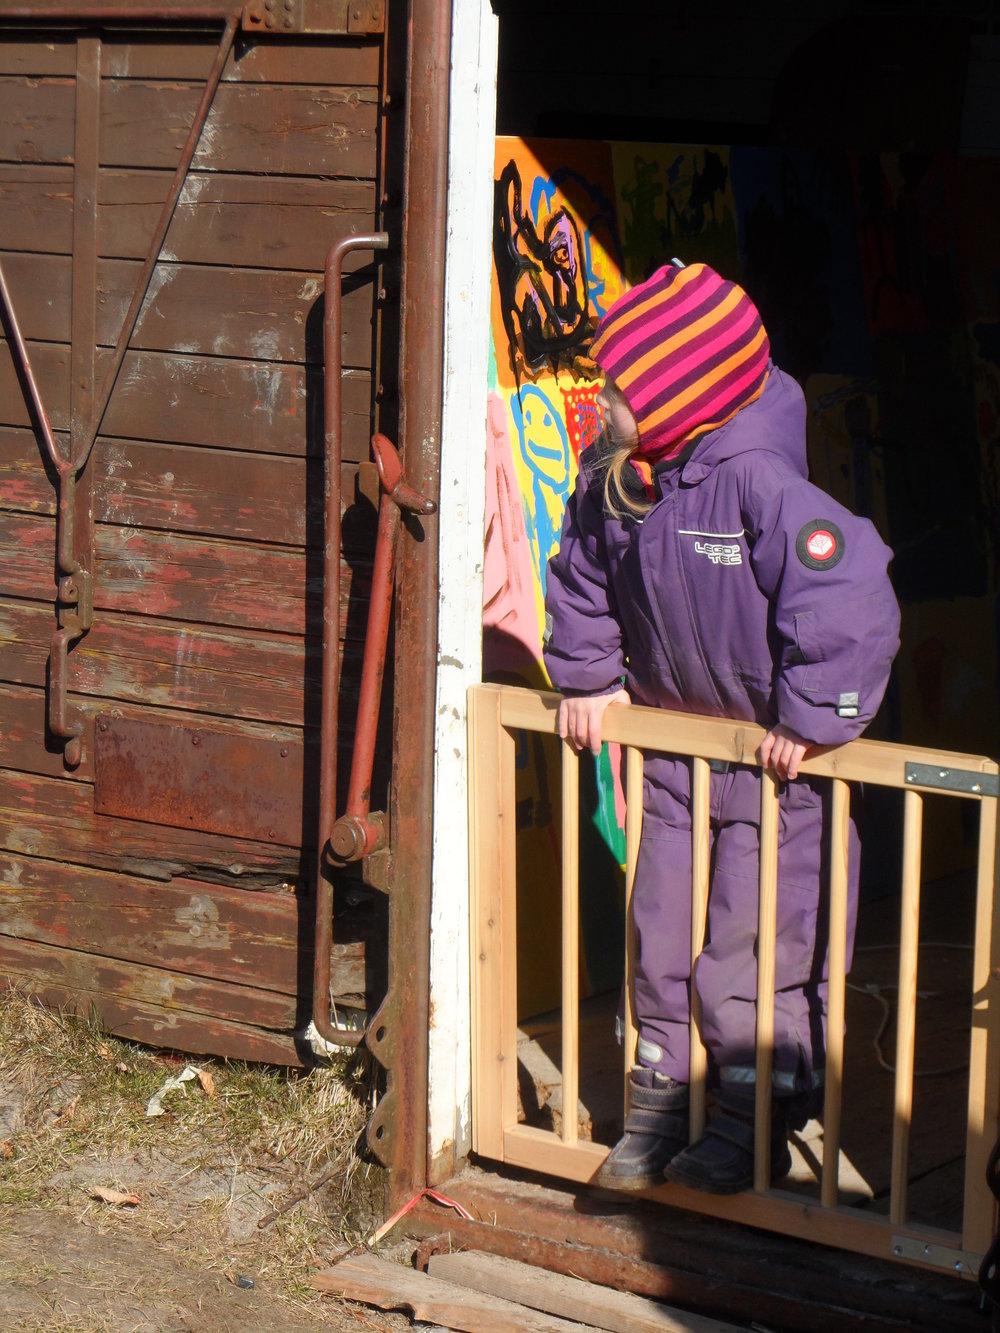 Projekt Leg og ide. - Forløb i Malling Dagtilbud- også inklusionsforløb. Innovation i børnehøjde.Projektet er støttet af Børnekulturhus Aarhus.